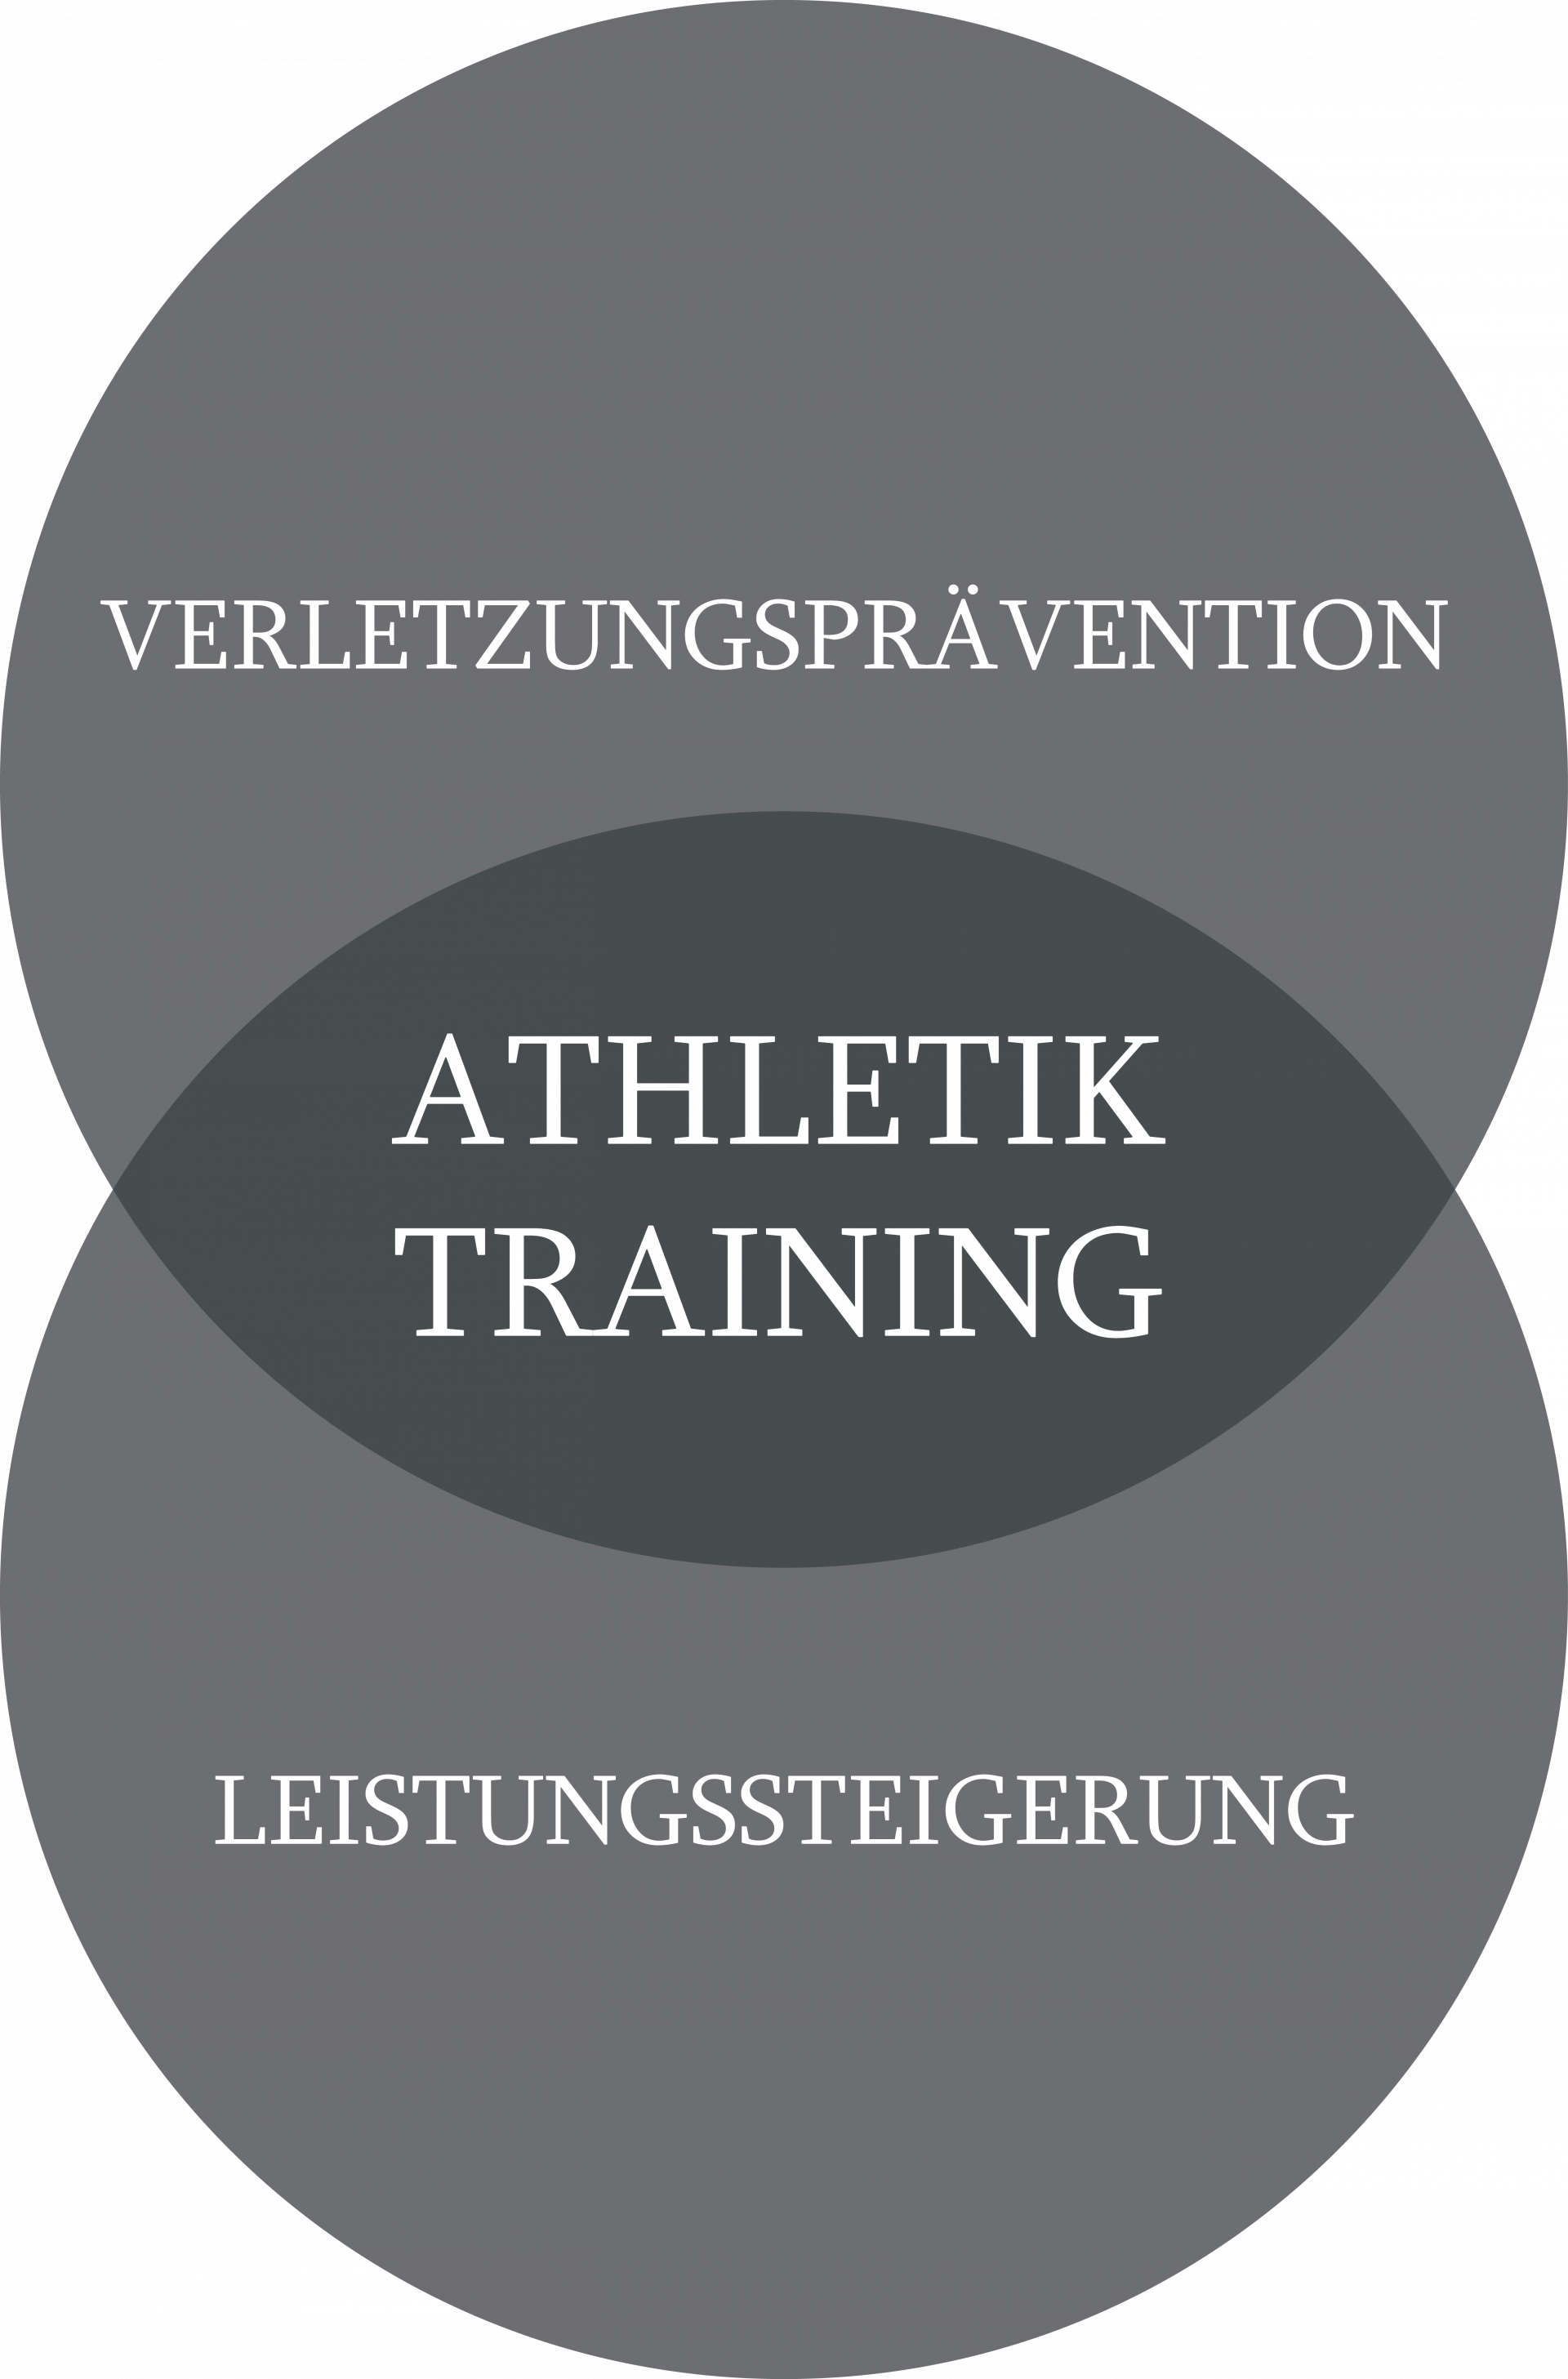 Venn-Diagramm: Athletik Training als Schnittmenge von Verletzungsprävention und Leistungssteigerung